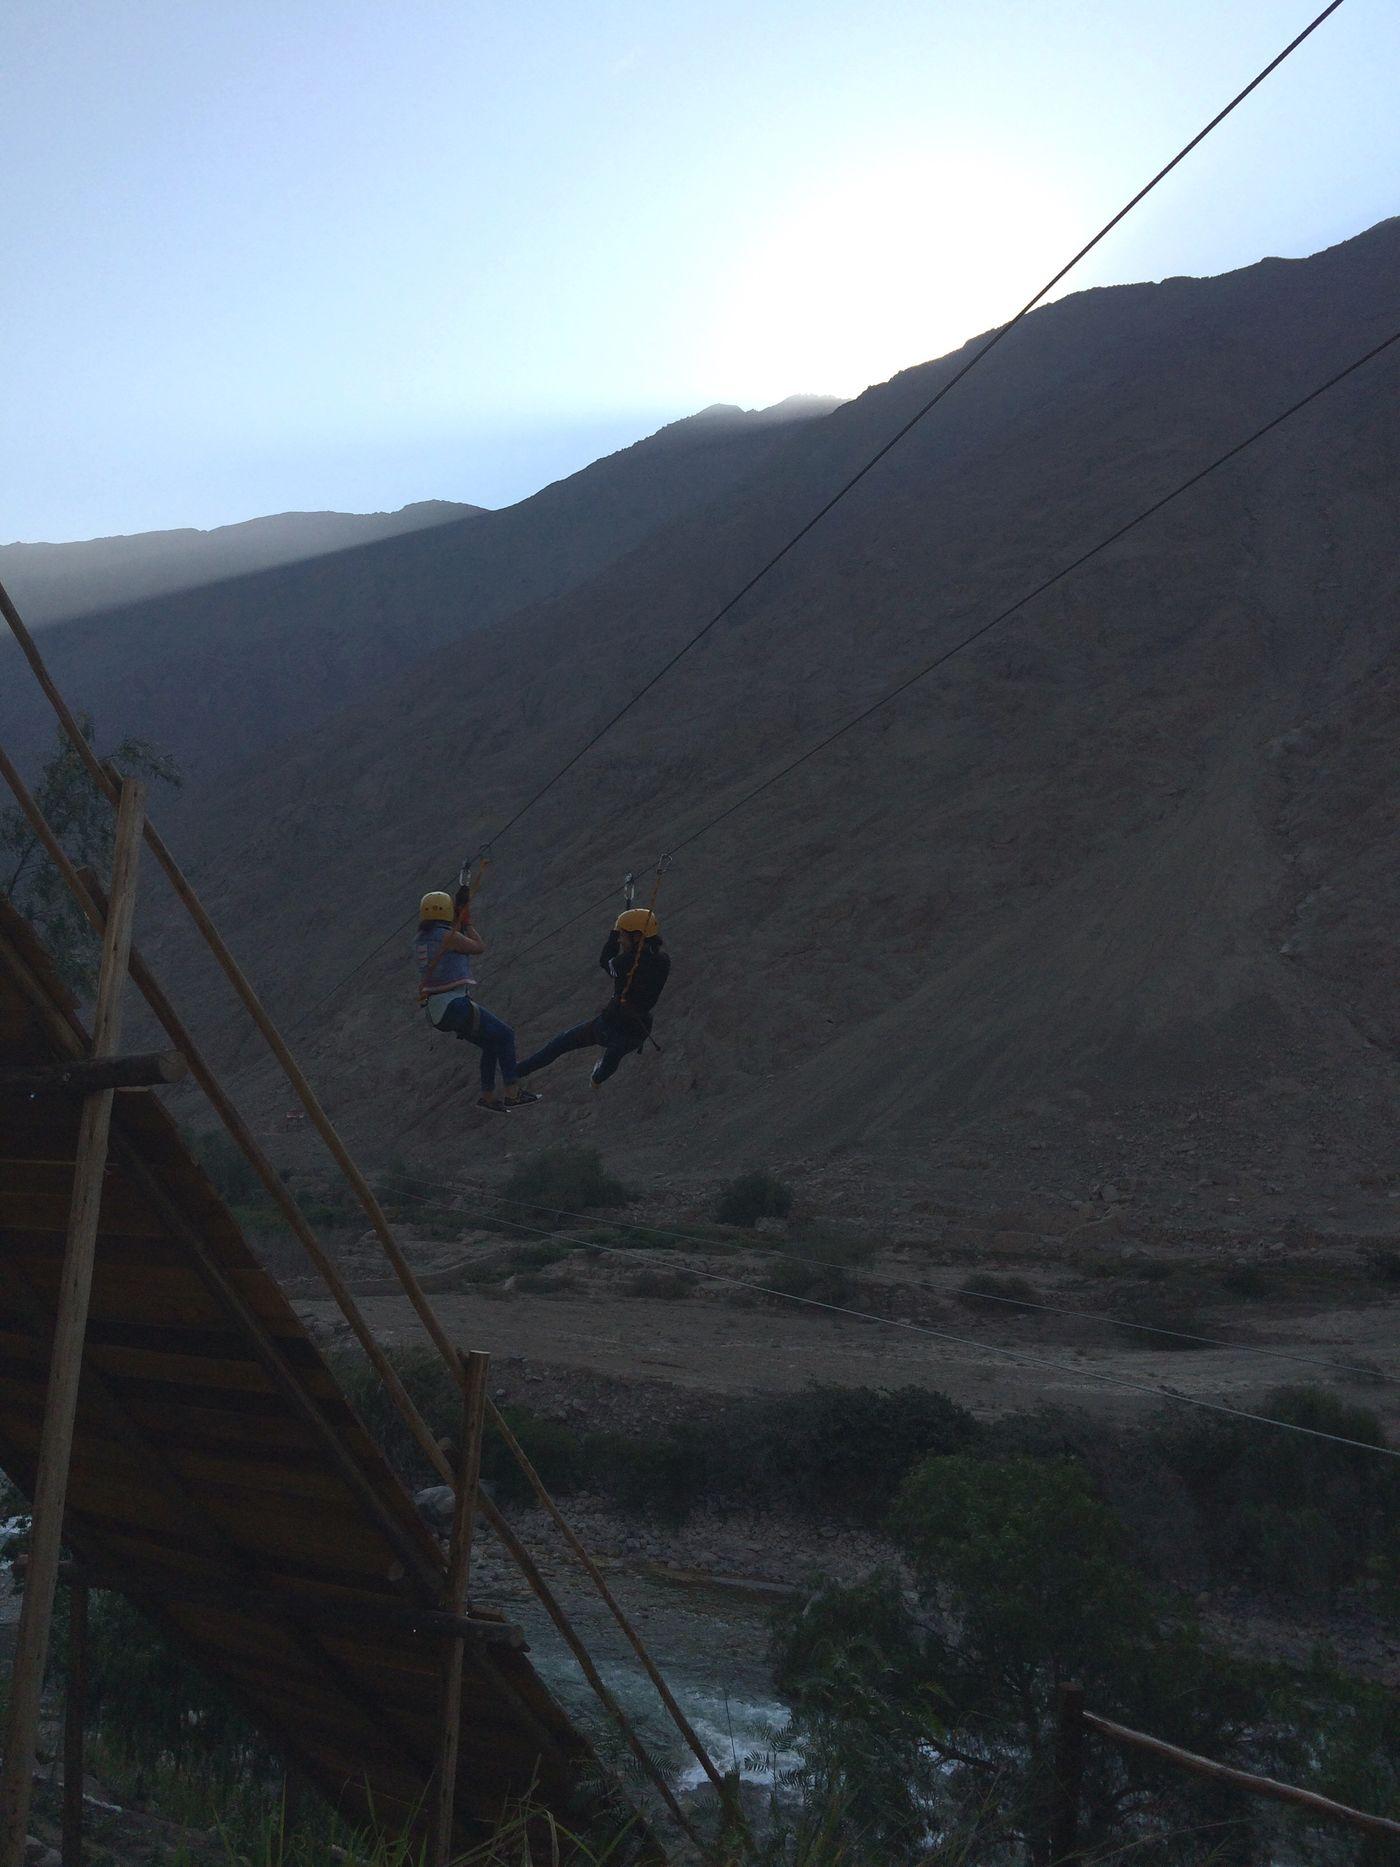 Uno crea su propia adrenalina 😊 Adrenalina qQuick Trip Cousins  Full Fun